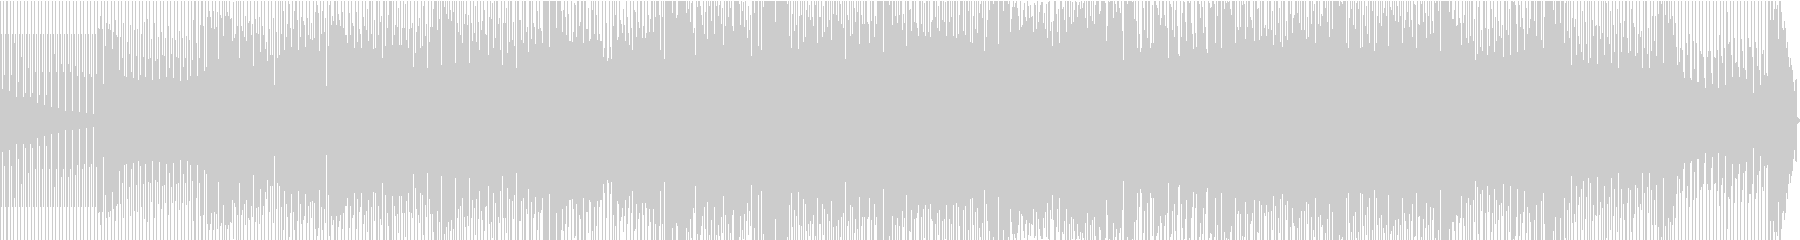 電子。調子外れのボイスとシンセのミックスの未再生の波形